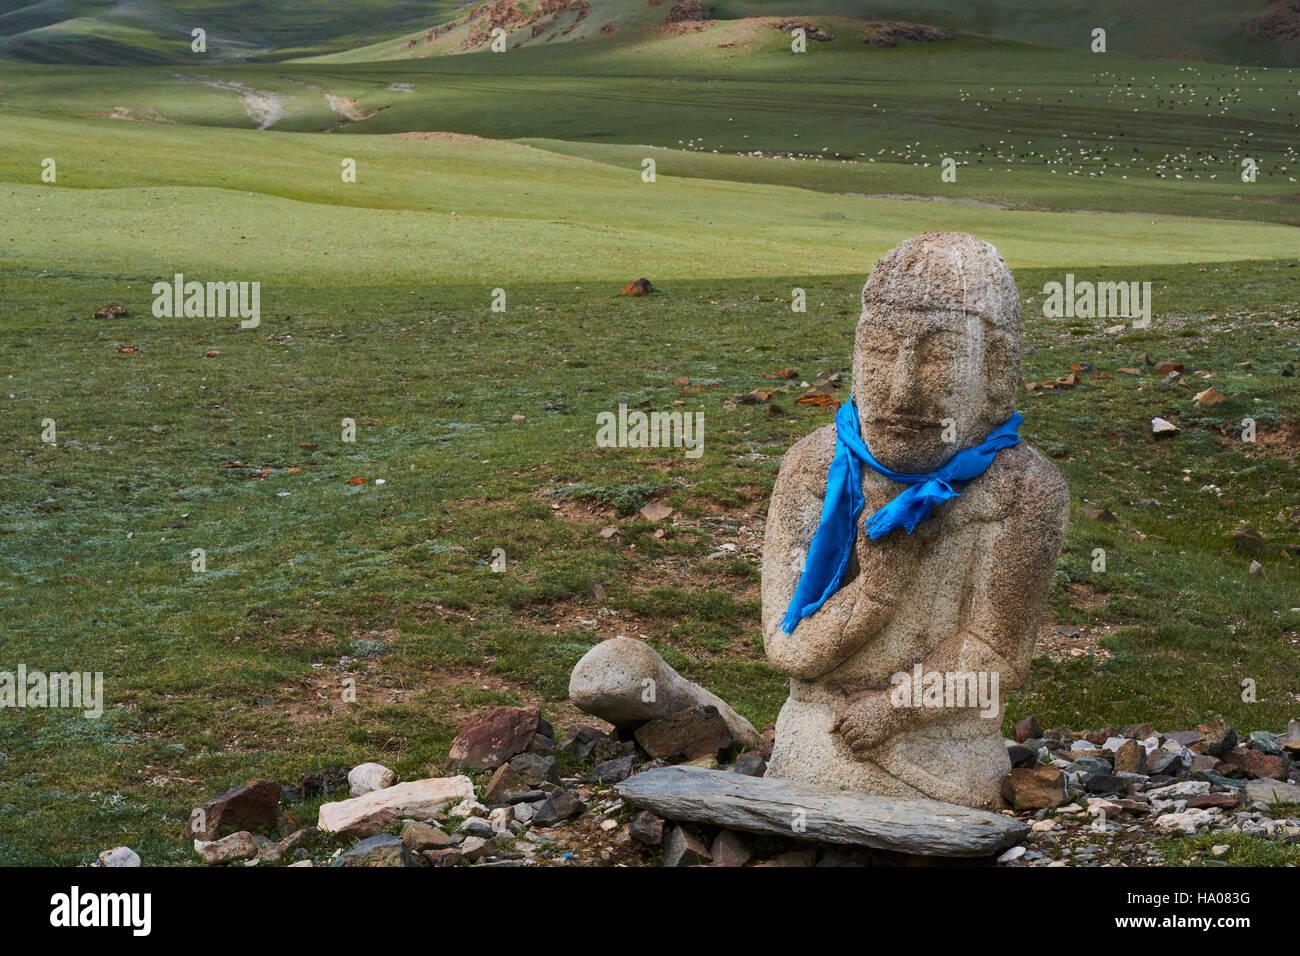 Mongolia, Gobi-Altay provincia, Mongolia occidentale, stele in forma umana, IV-VIII secolo Immagini Stock